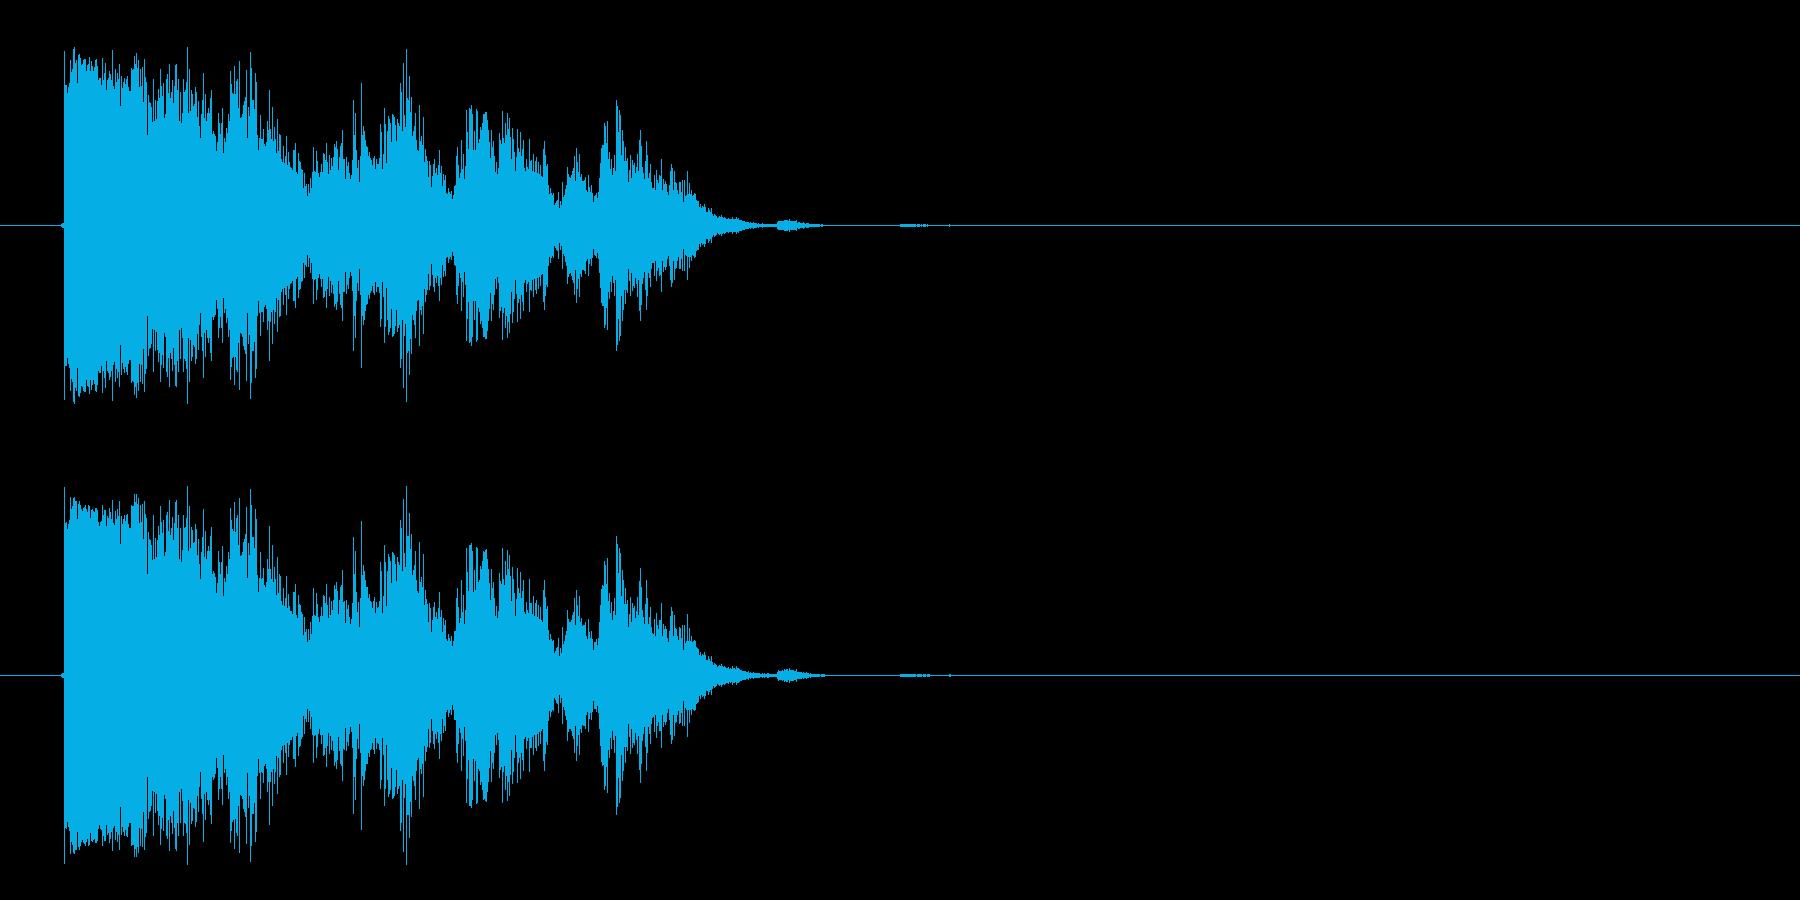 ハードクラッシュメタルヒットメタル...の再生済みの波形